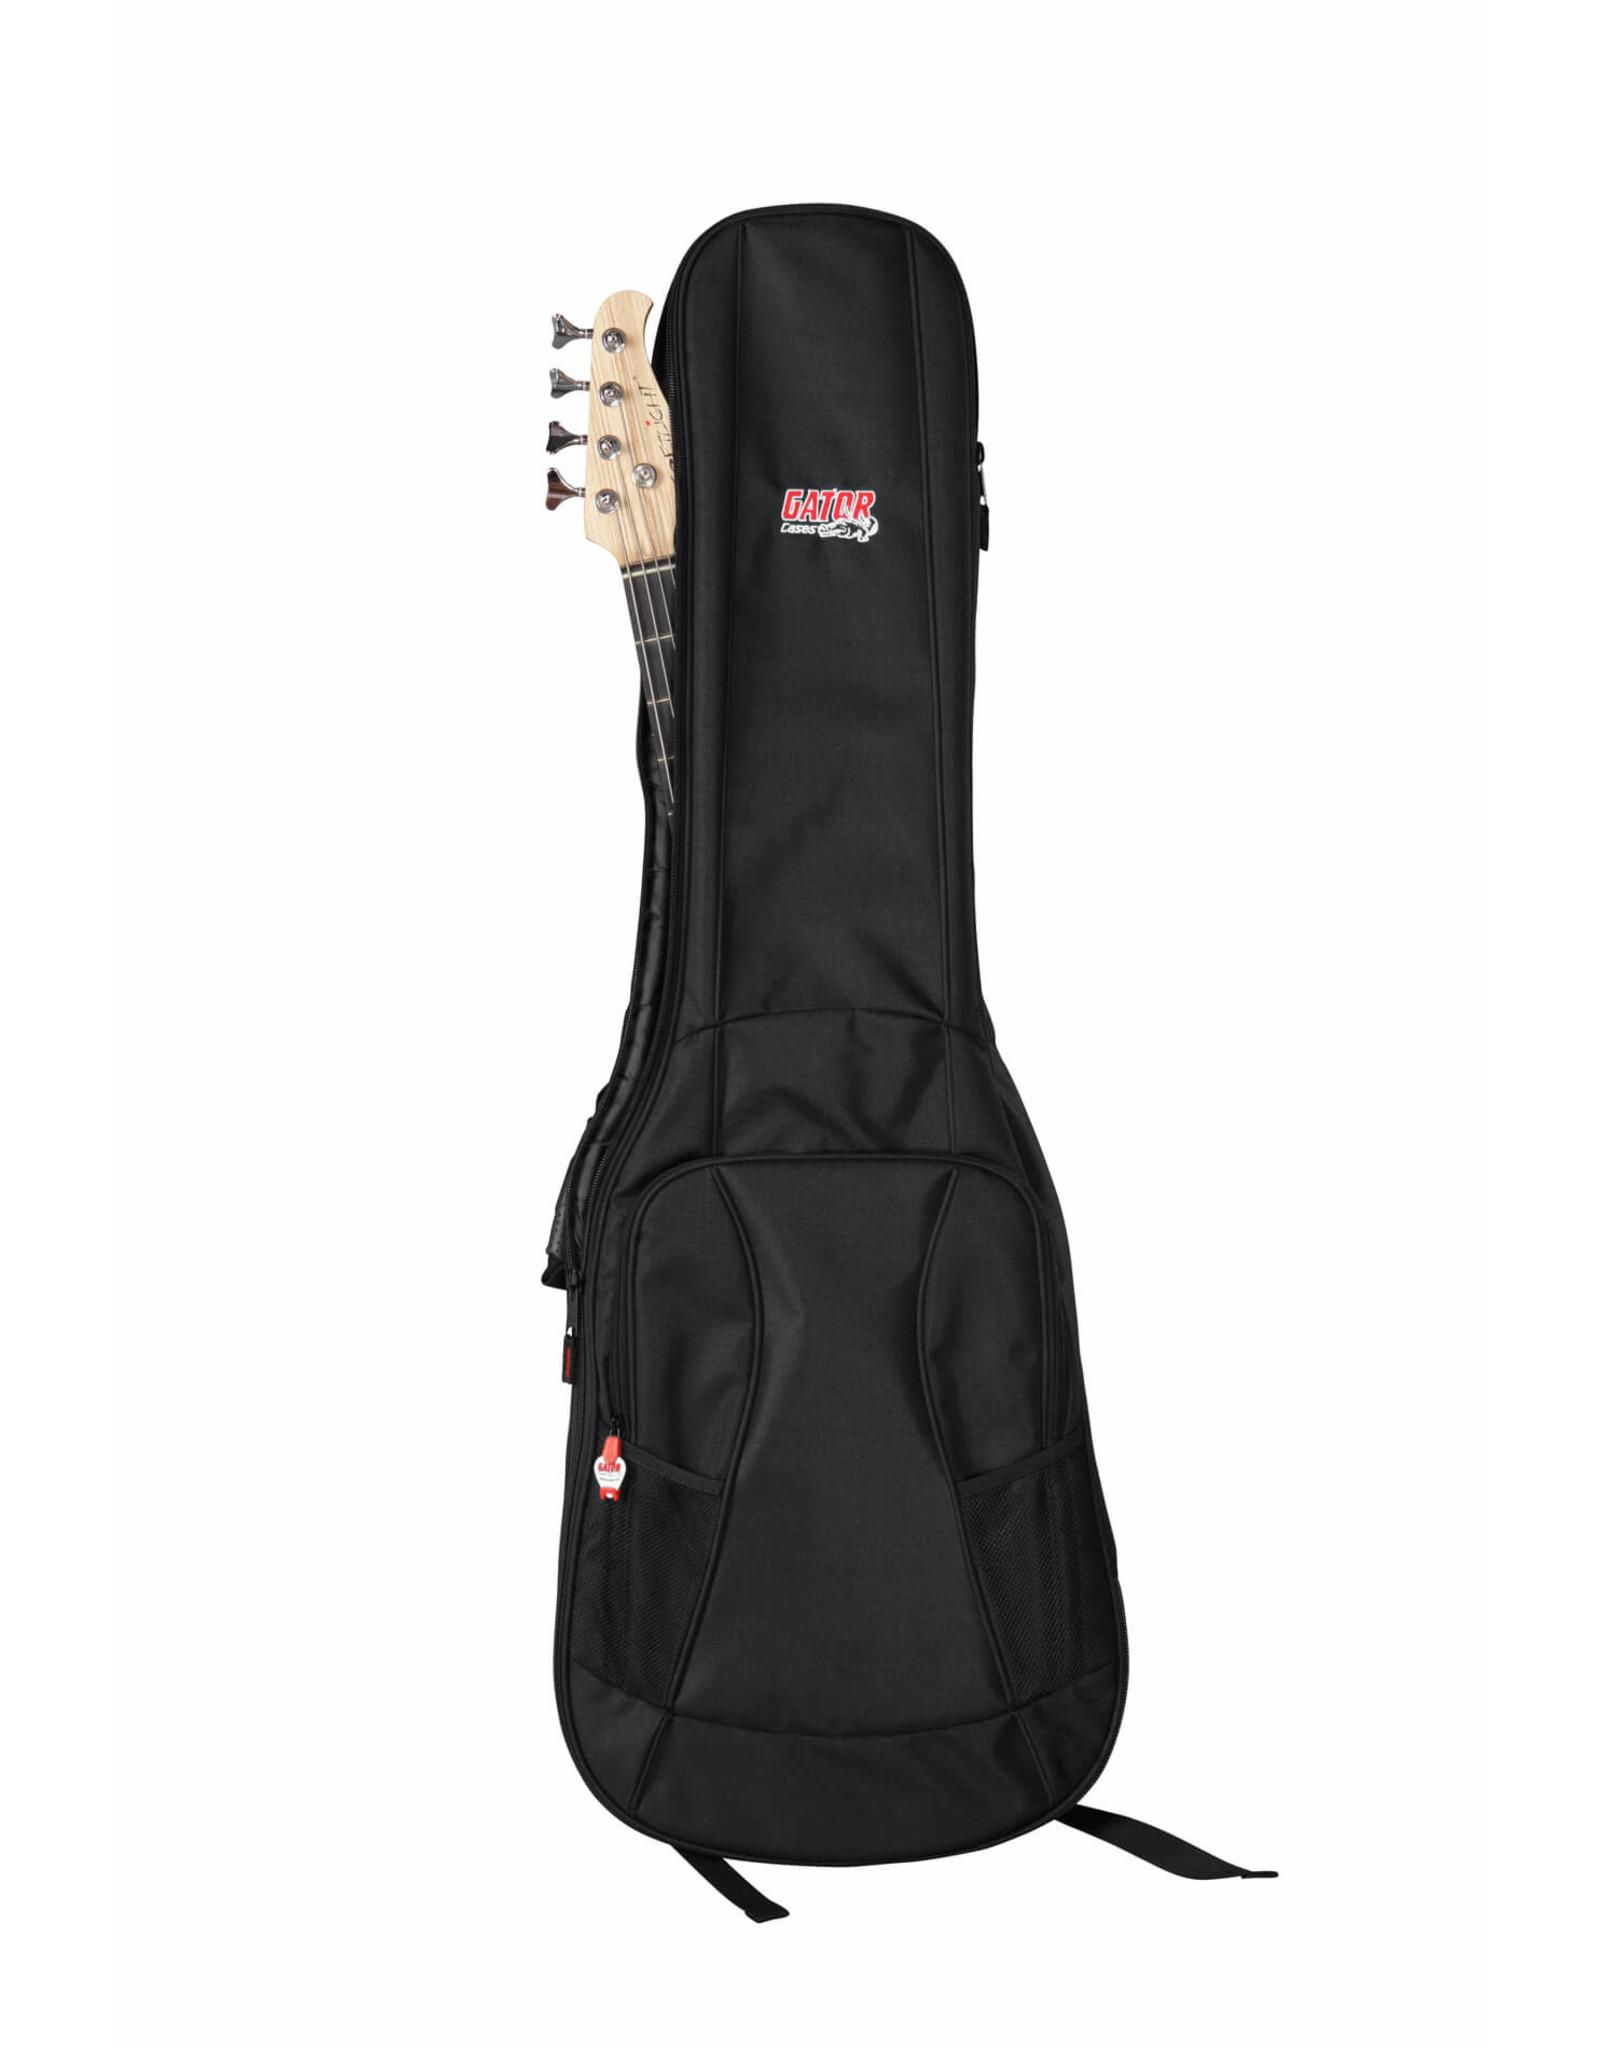 Gator Gator 4G SERIES Bass Guitar Gig Bag GB-4G-BASS